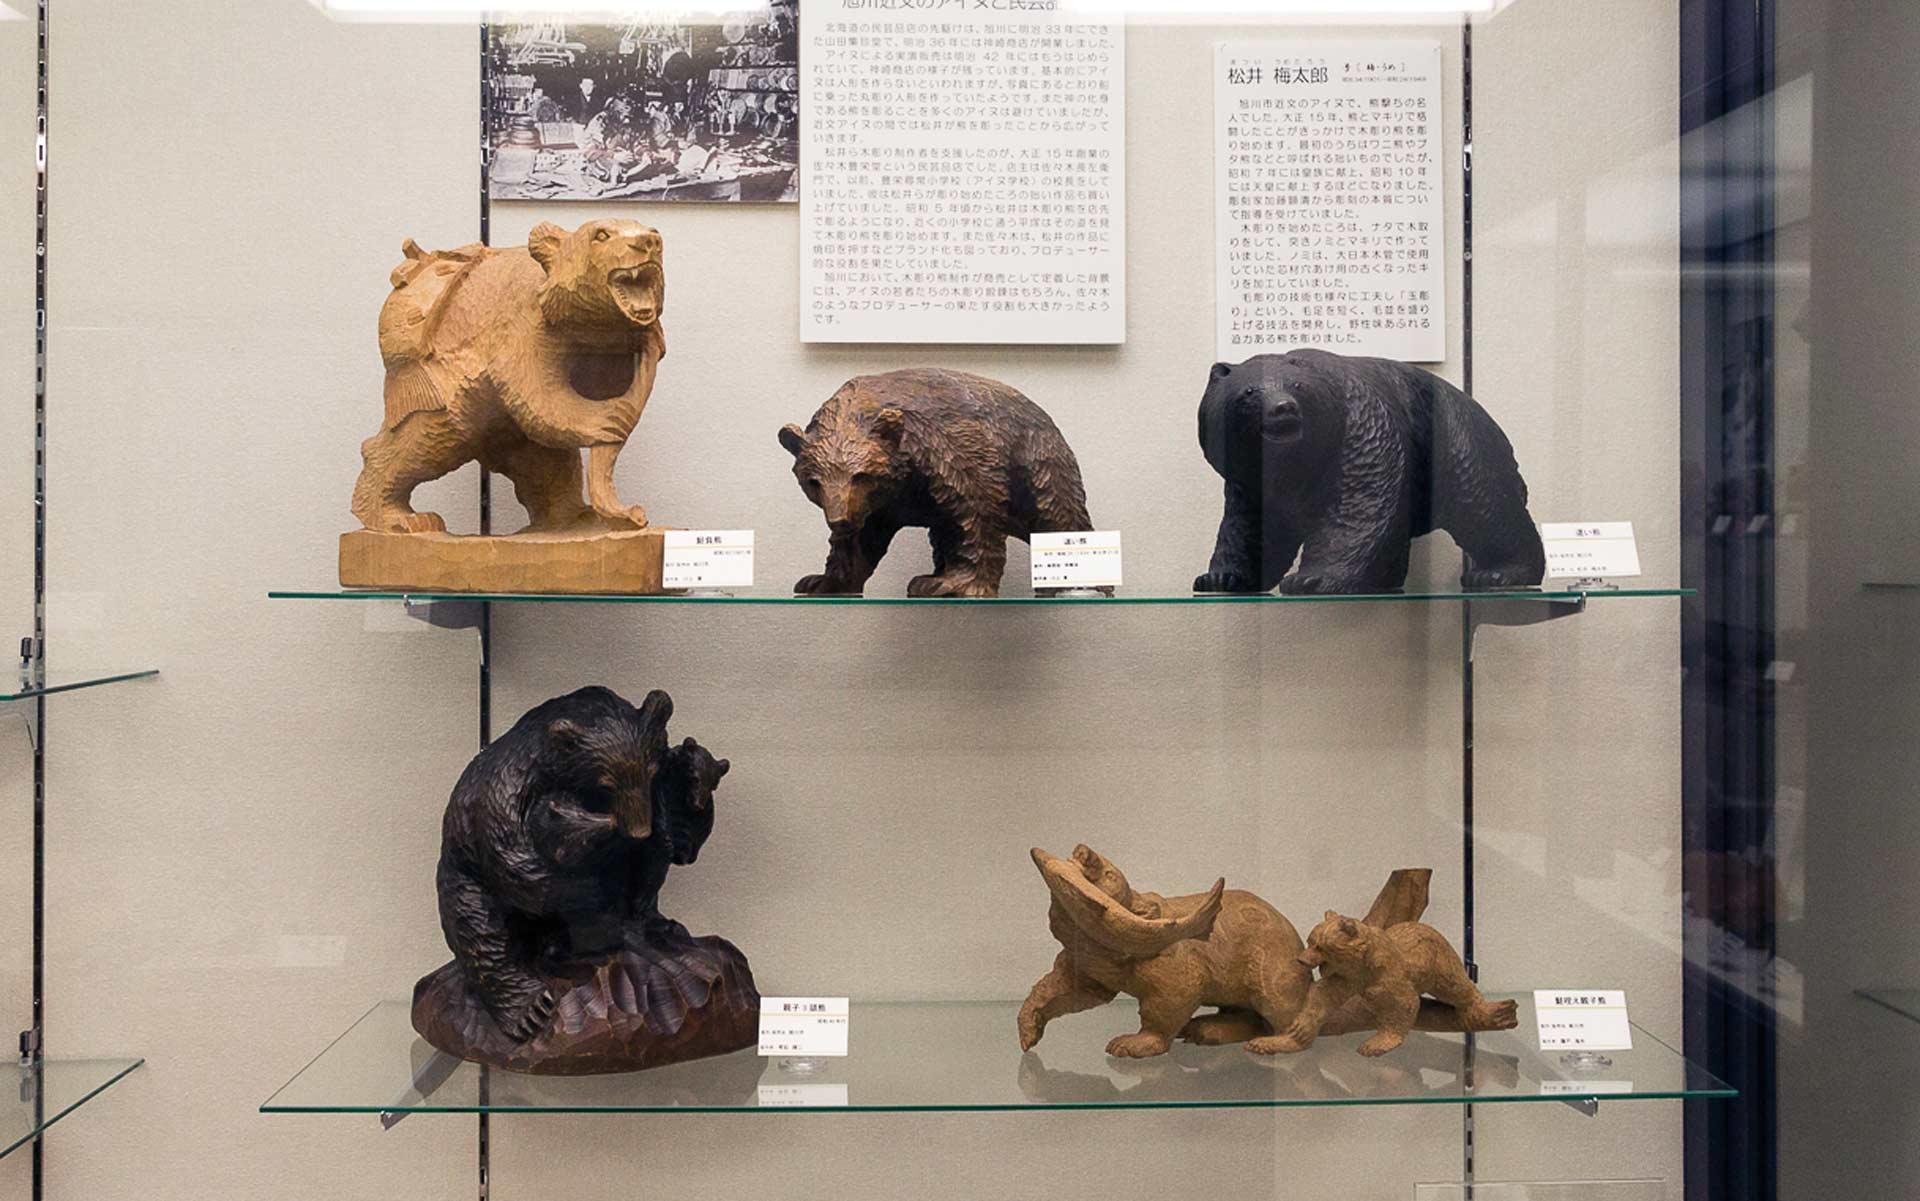 旭川で彫られた木彫り熊たち